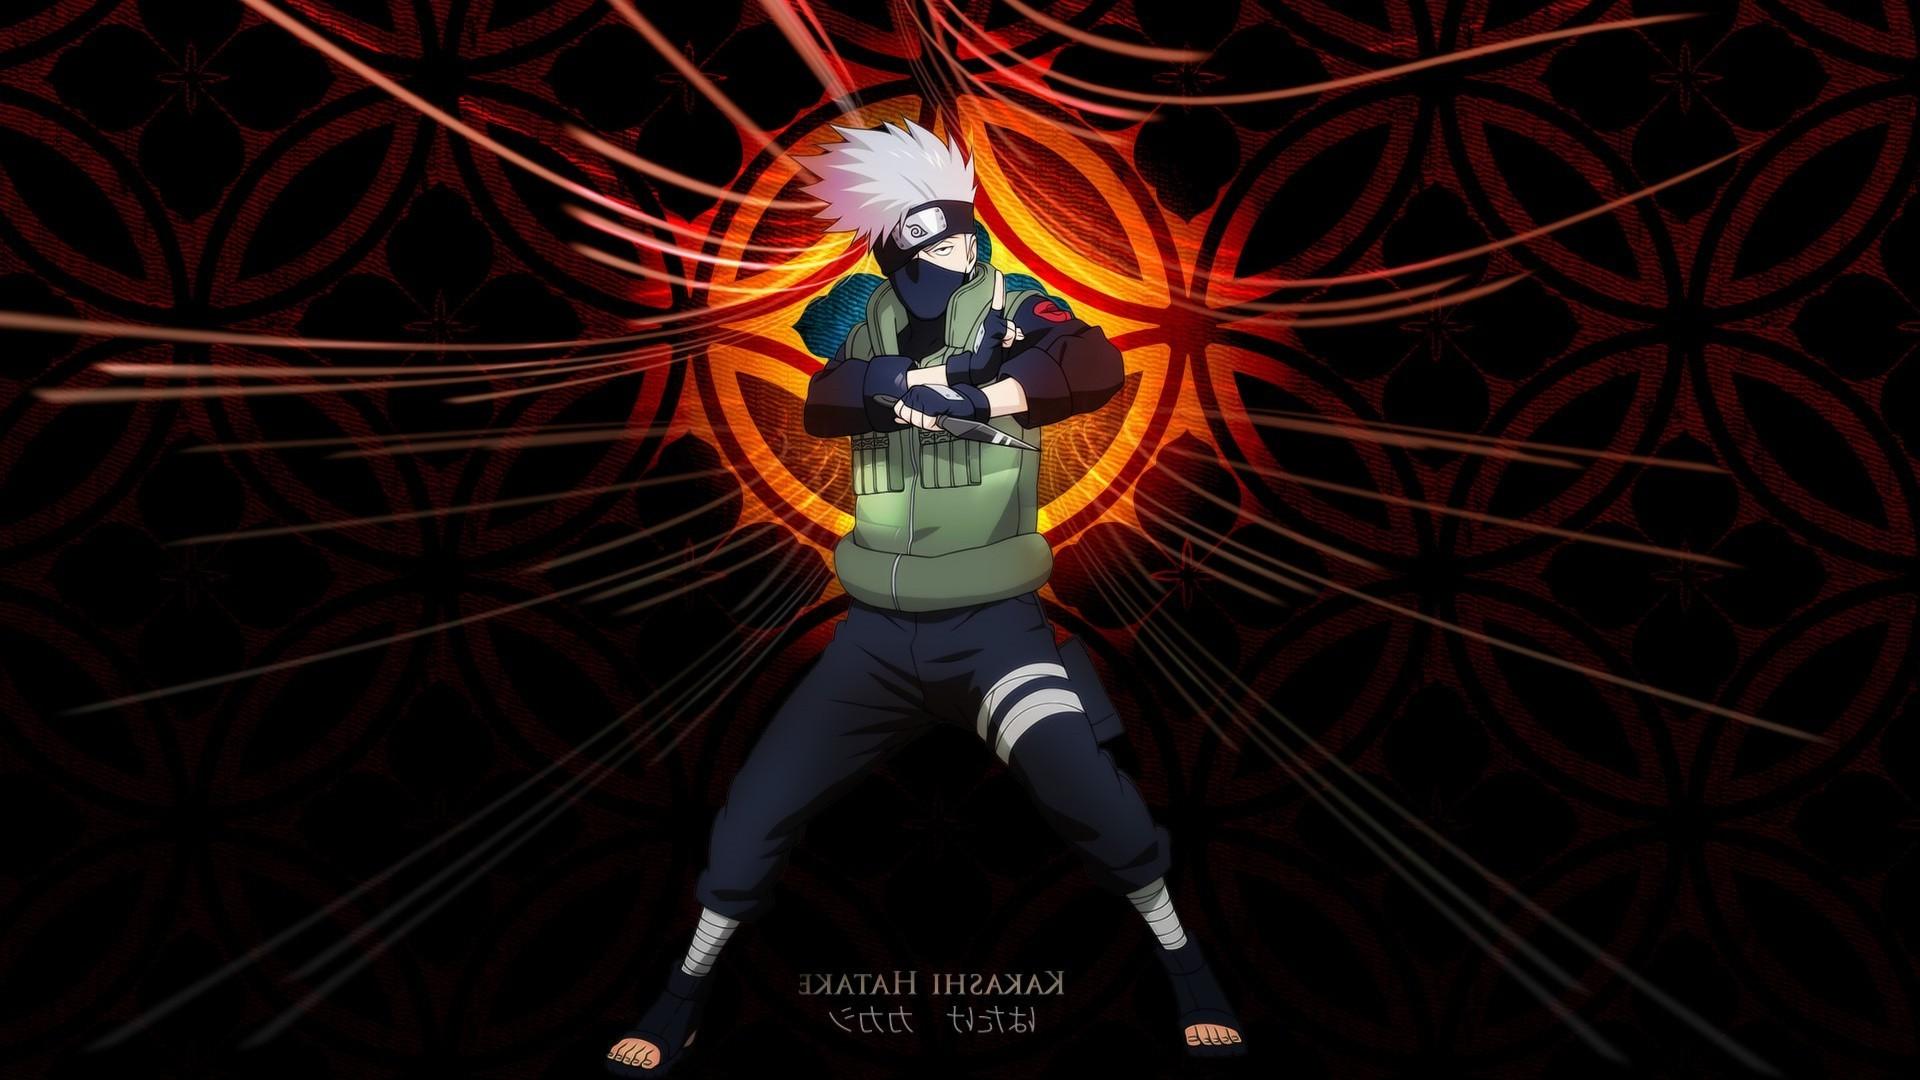 anime Hatake Kakashi Naruto Shippuuden darkness screenshot 1920x1080 px computer wallpaper